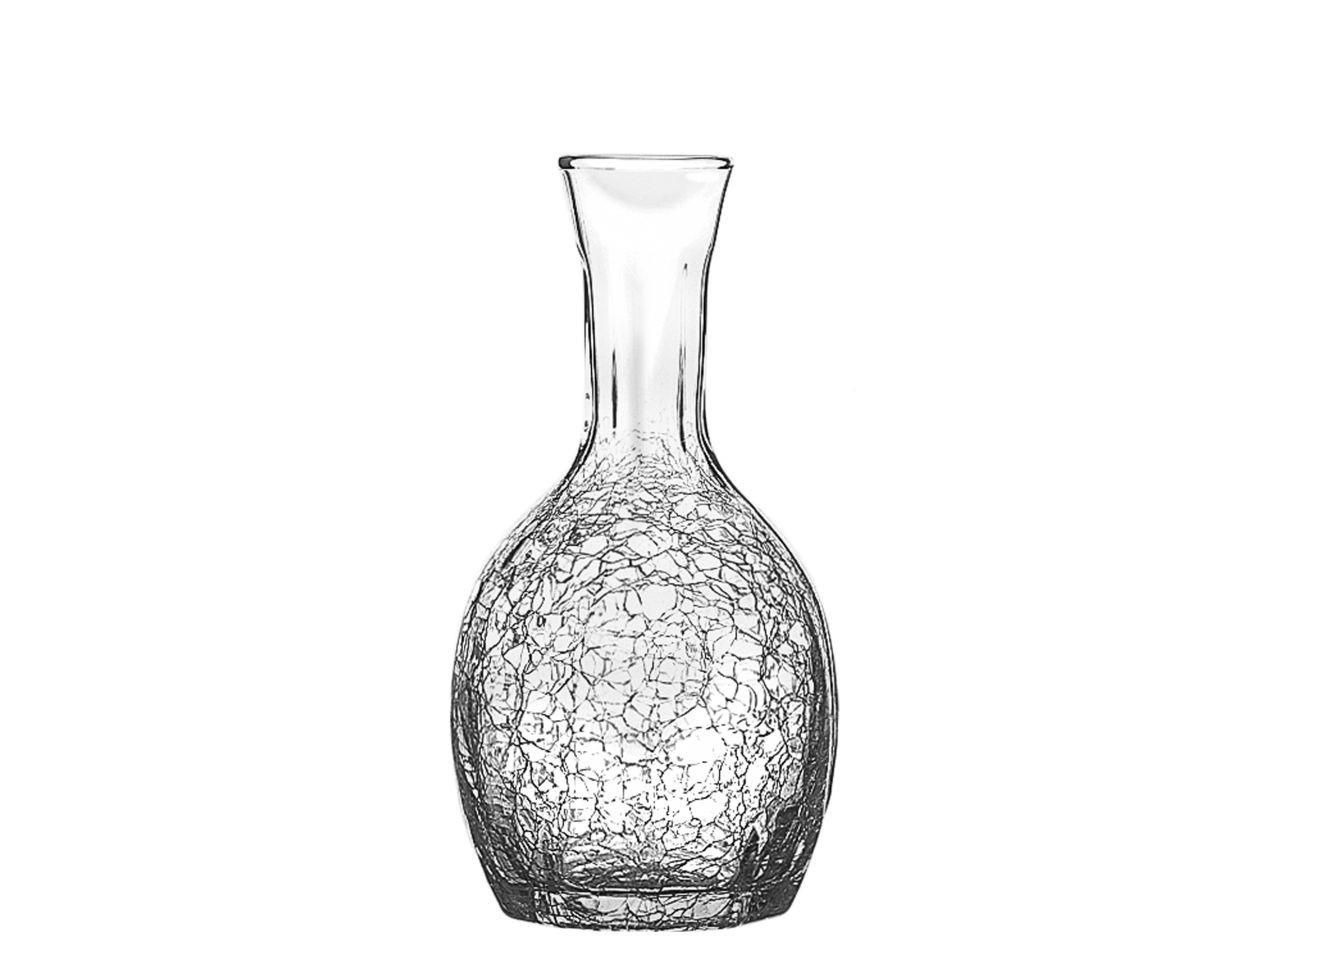 ГрафинЕмкости для хранения<br>Стекольная фабрика la Rochere (Франция) основана в 1475 году сегодня является старейшим действующим стекольным предприятием Франции и, безусловно, одним из старейших в мире. Особая техника выдувания стекла хранилась в строжайшей тайне и вместе со званием «стекольного дворянина» передавалась владельцем la Rochere из поколения в поколение законному наследнику. И в наши дни работник, поступающий на фабрику la Rochere, принимает торжественную присягу, обязуясь не разглашать секреты стекла la Rochere. Изящные изделия художников la Rochere привлекут внимание знатоков и ценителей французского стиля Арт Нуво. Объем 750 мл.<br><br>Material: Стекло